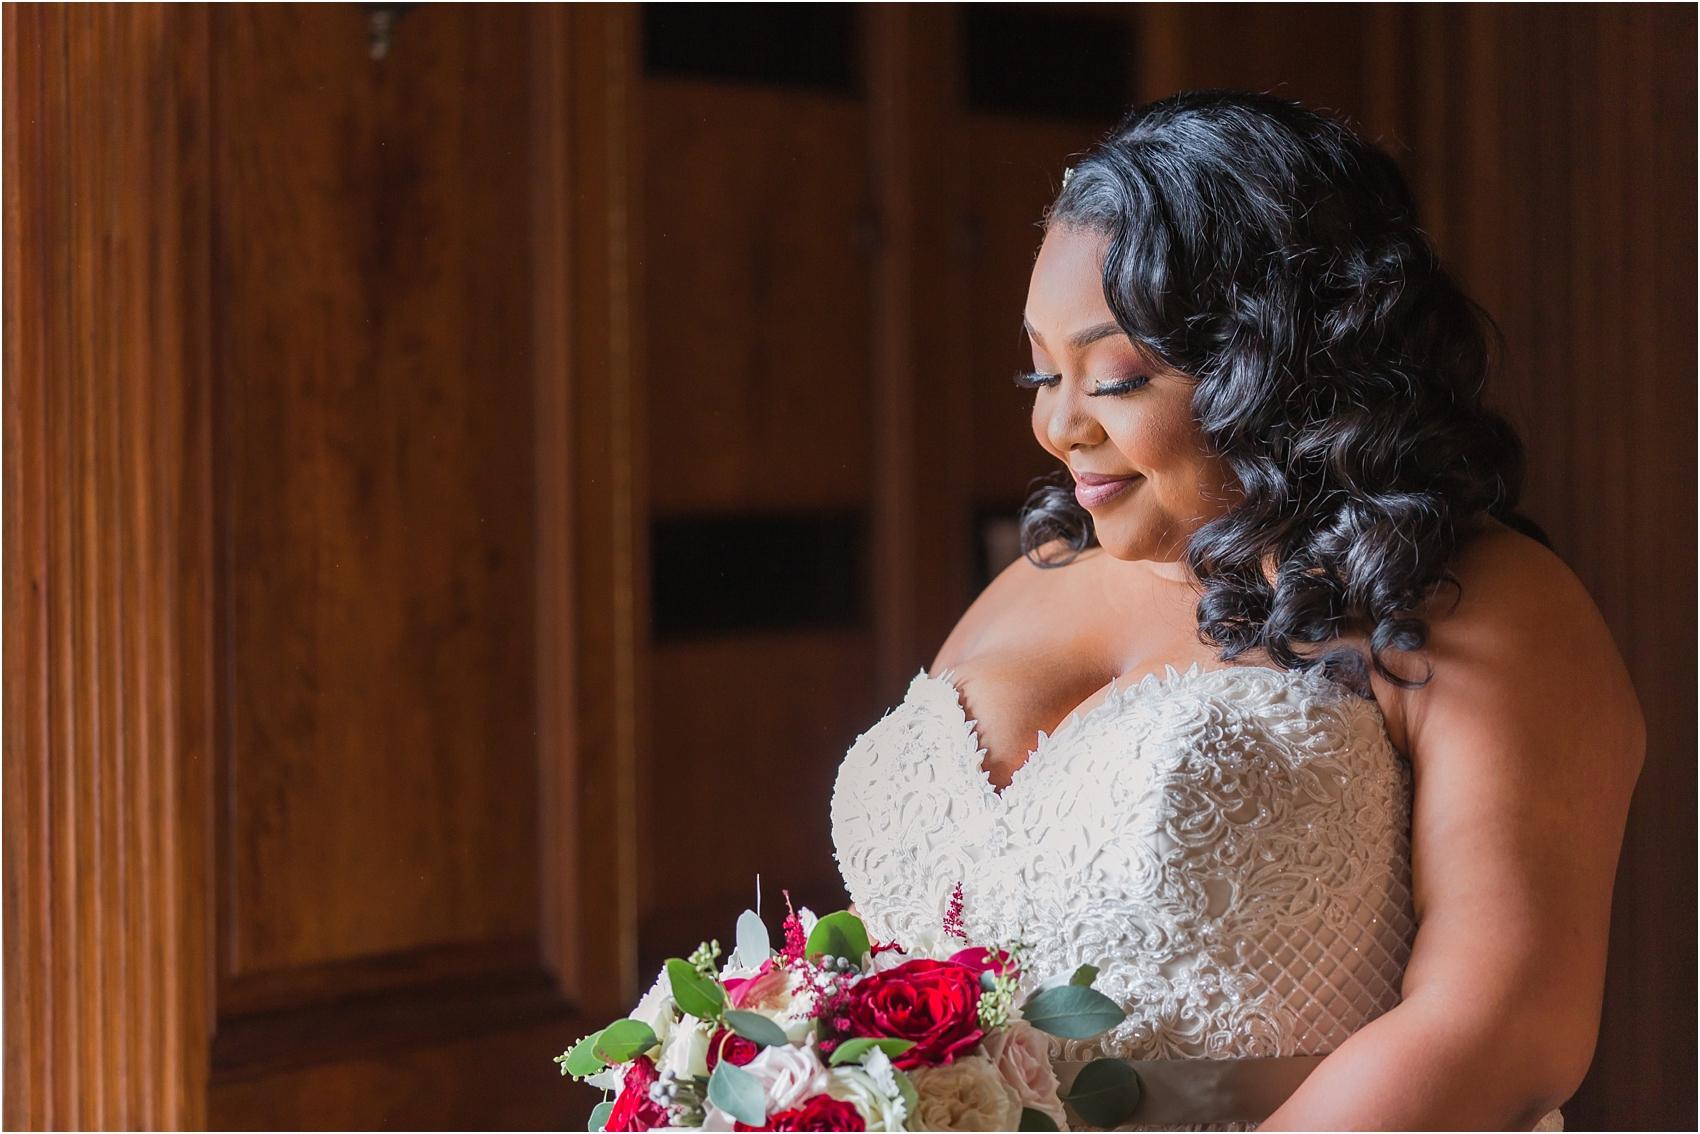 minimalist-and-modern-wedding-photos-at-30-north-saginaw-in-pontiac-michigan-by-courtney-carolyn-photography_0010.jpg